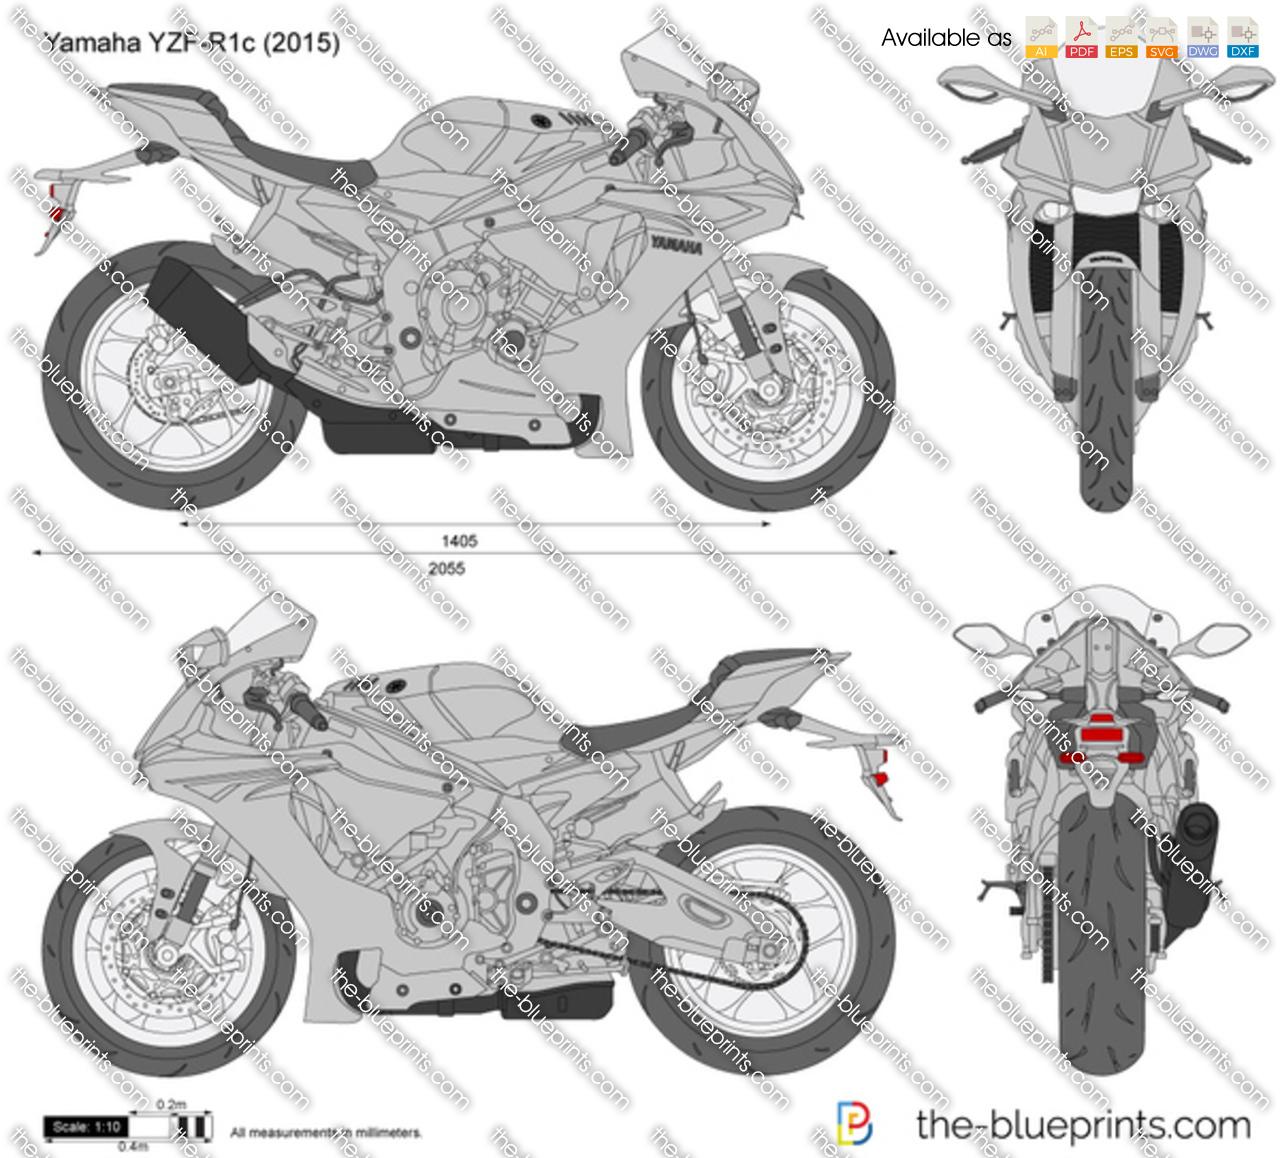 Yamaha YZF-R1c 2017